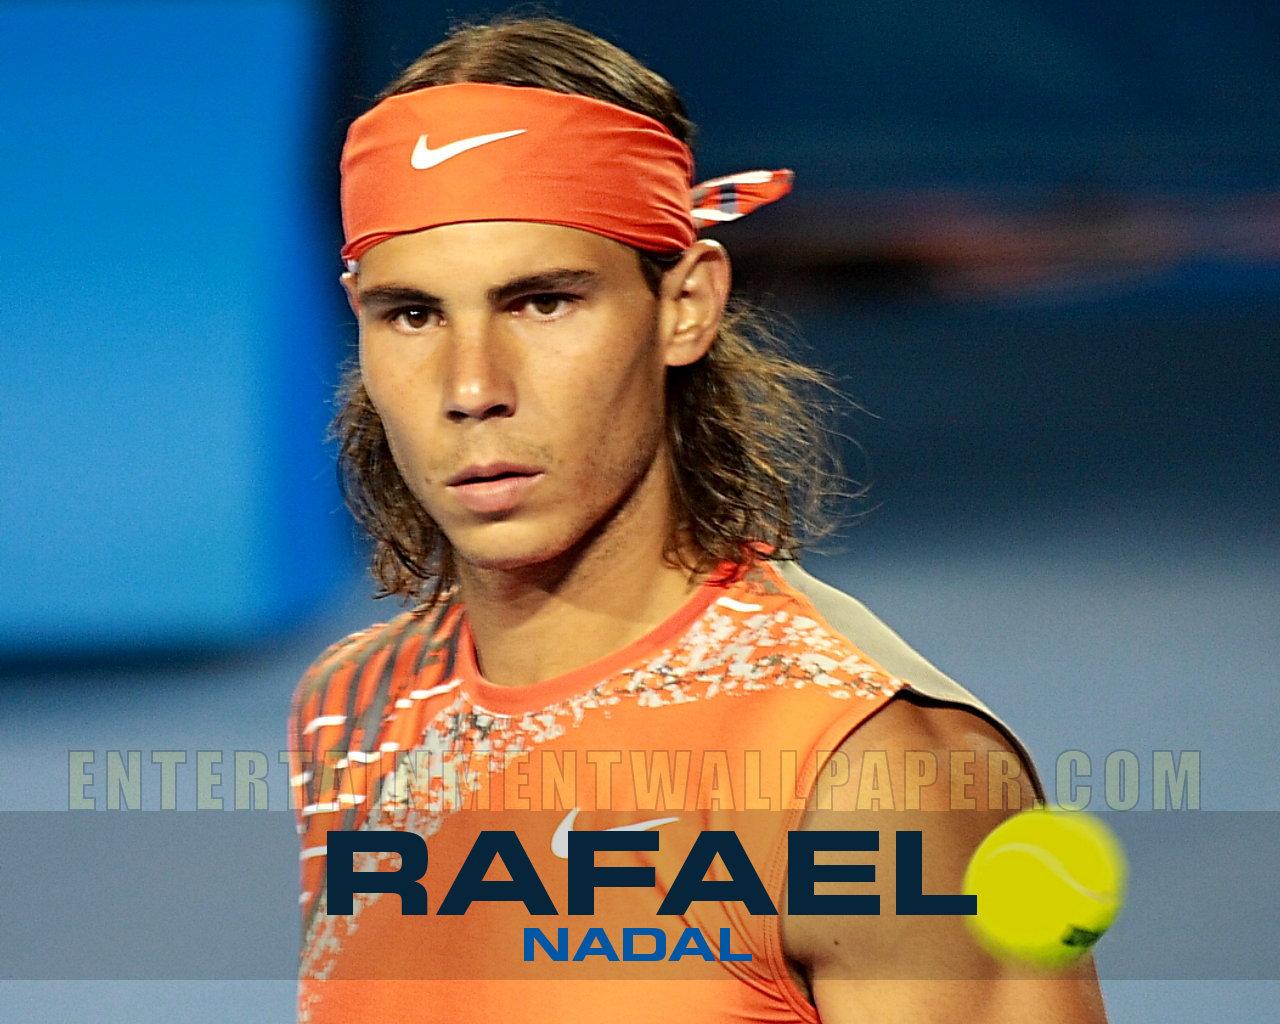 Rafael Nadal wallpaper 1280x1024 64521 1280x1024